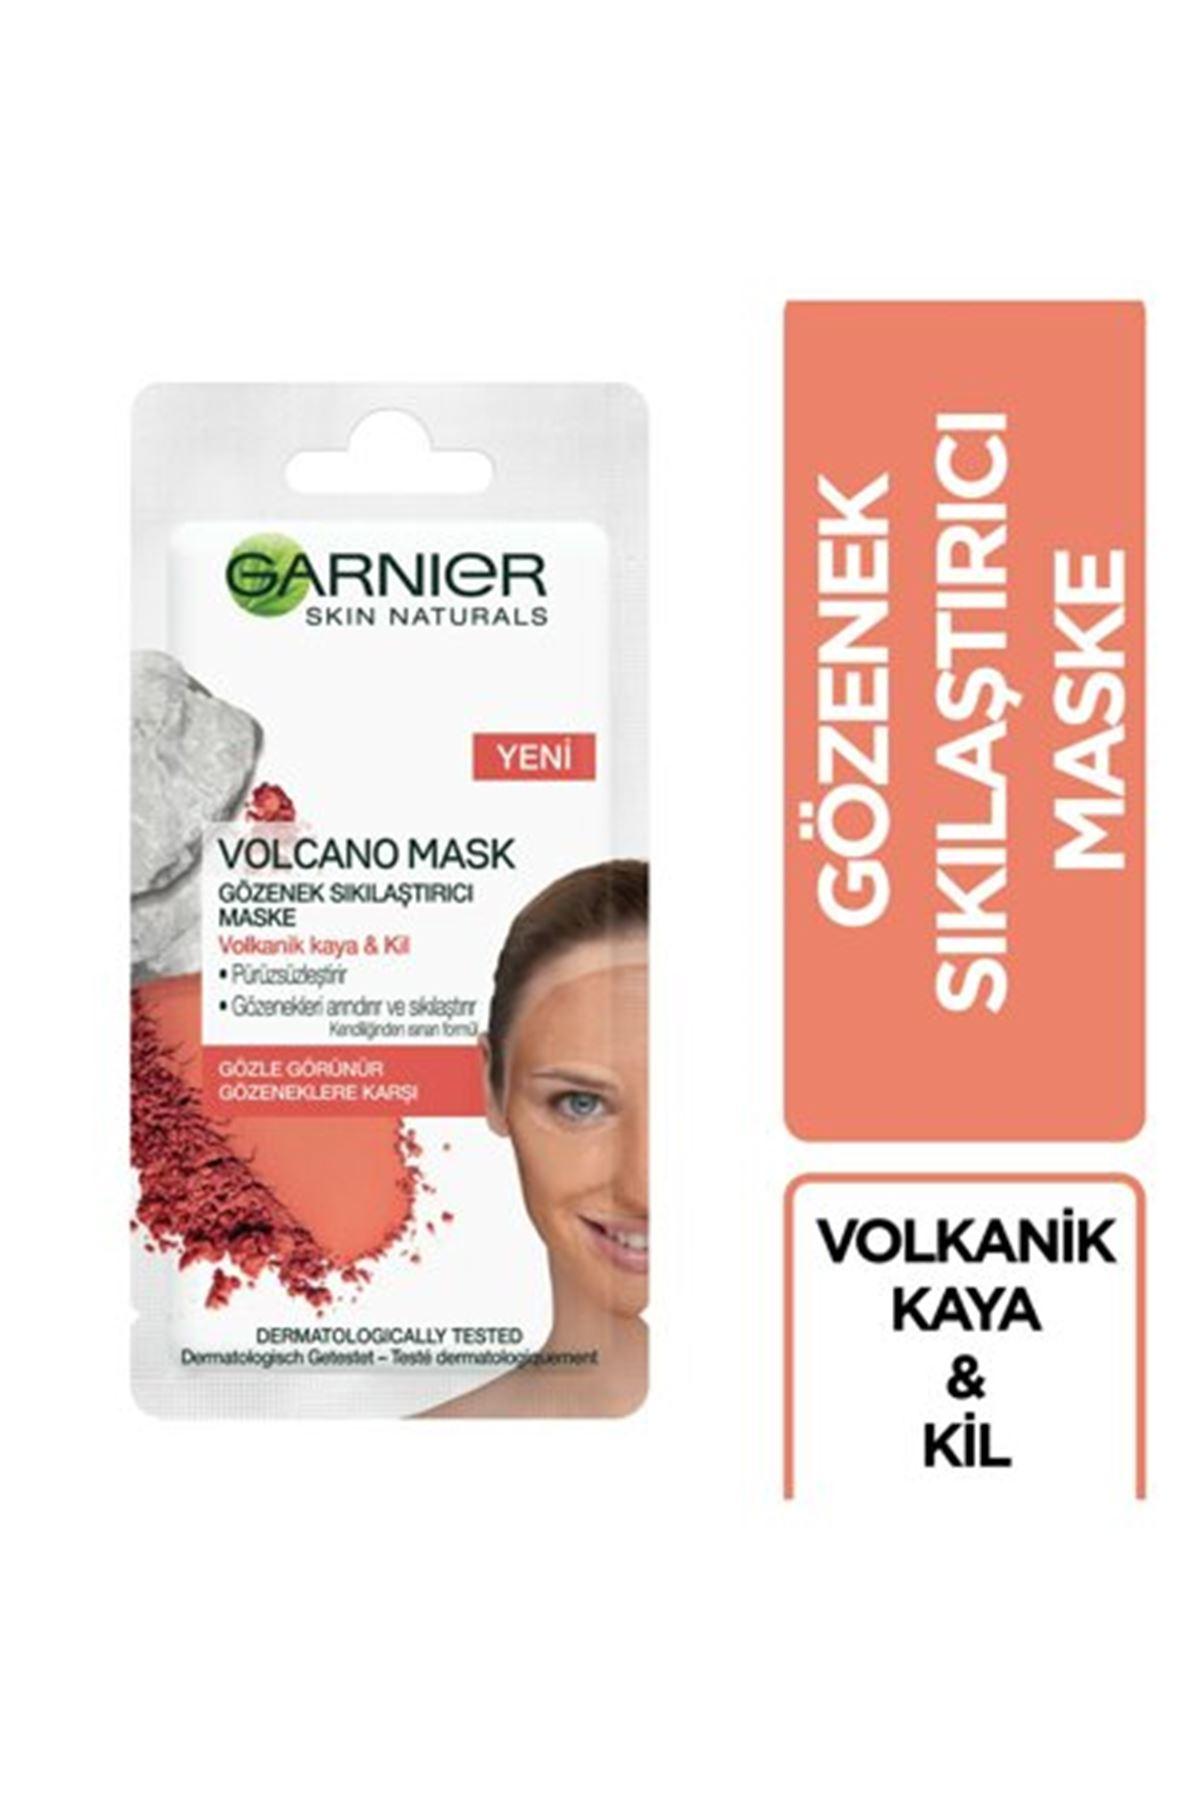 Garnier Volkanik Kaya ve Kil İçeren Gözenek Sıkılaştırıcı Kağıt Maske